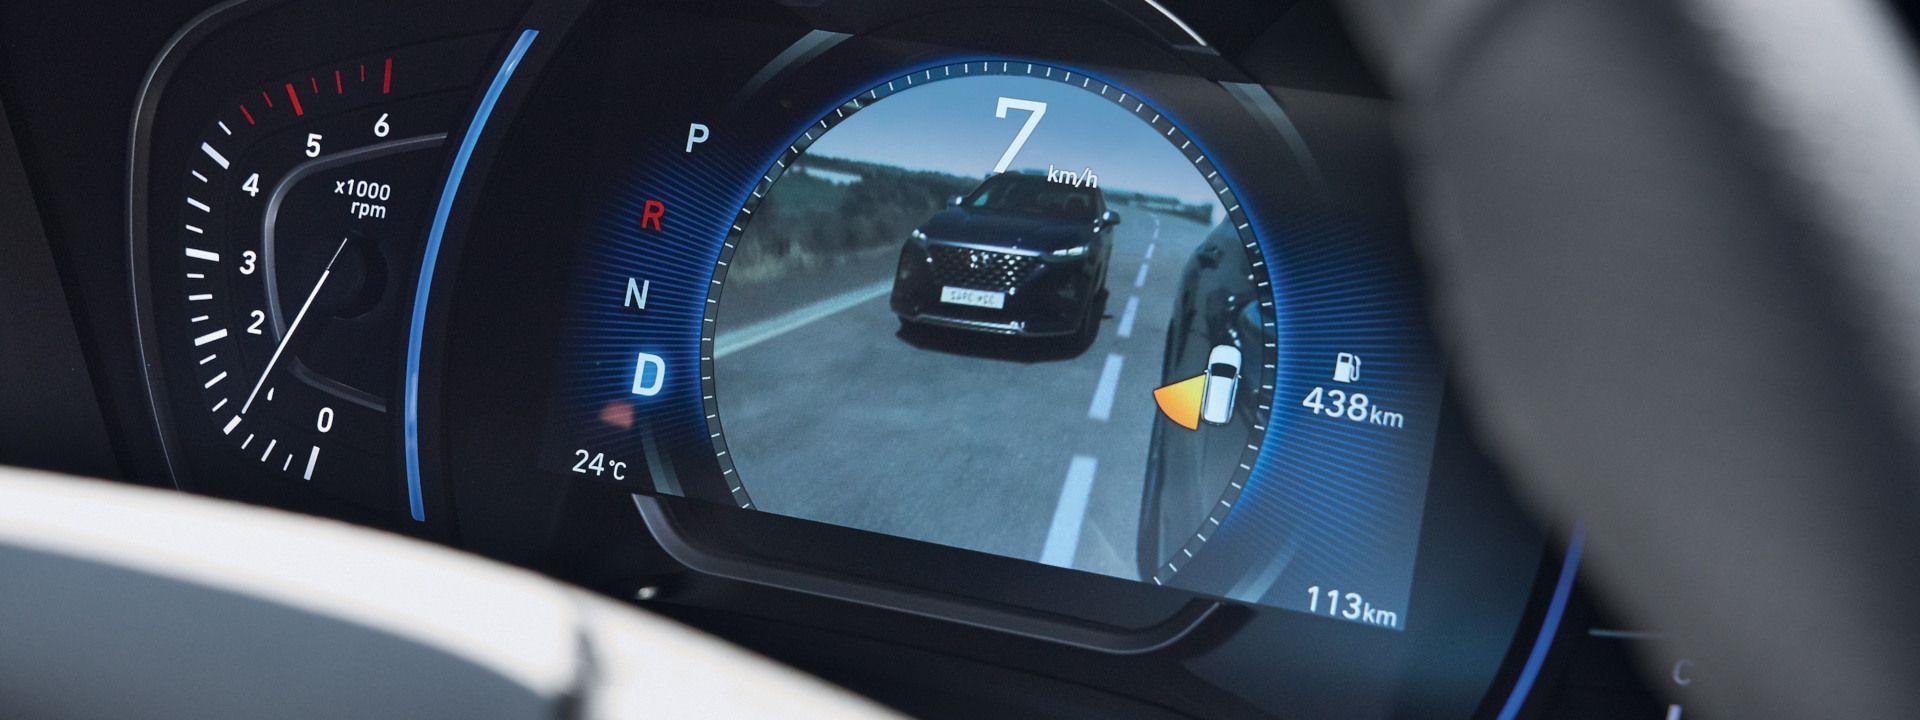 El Nuevo Hyundai Santa Fe mejorado con el monitor de punto muerto